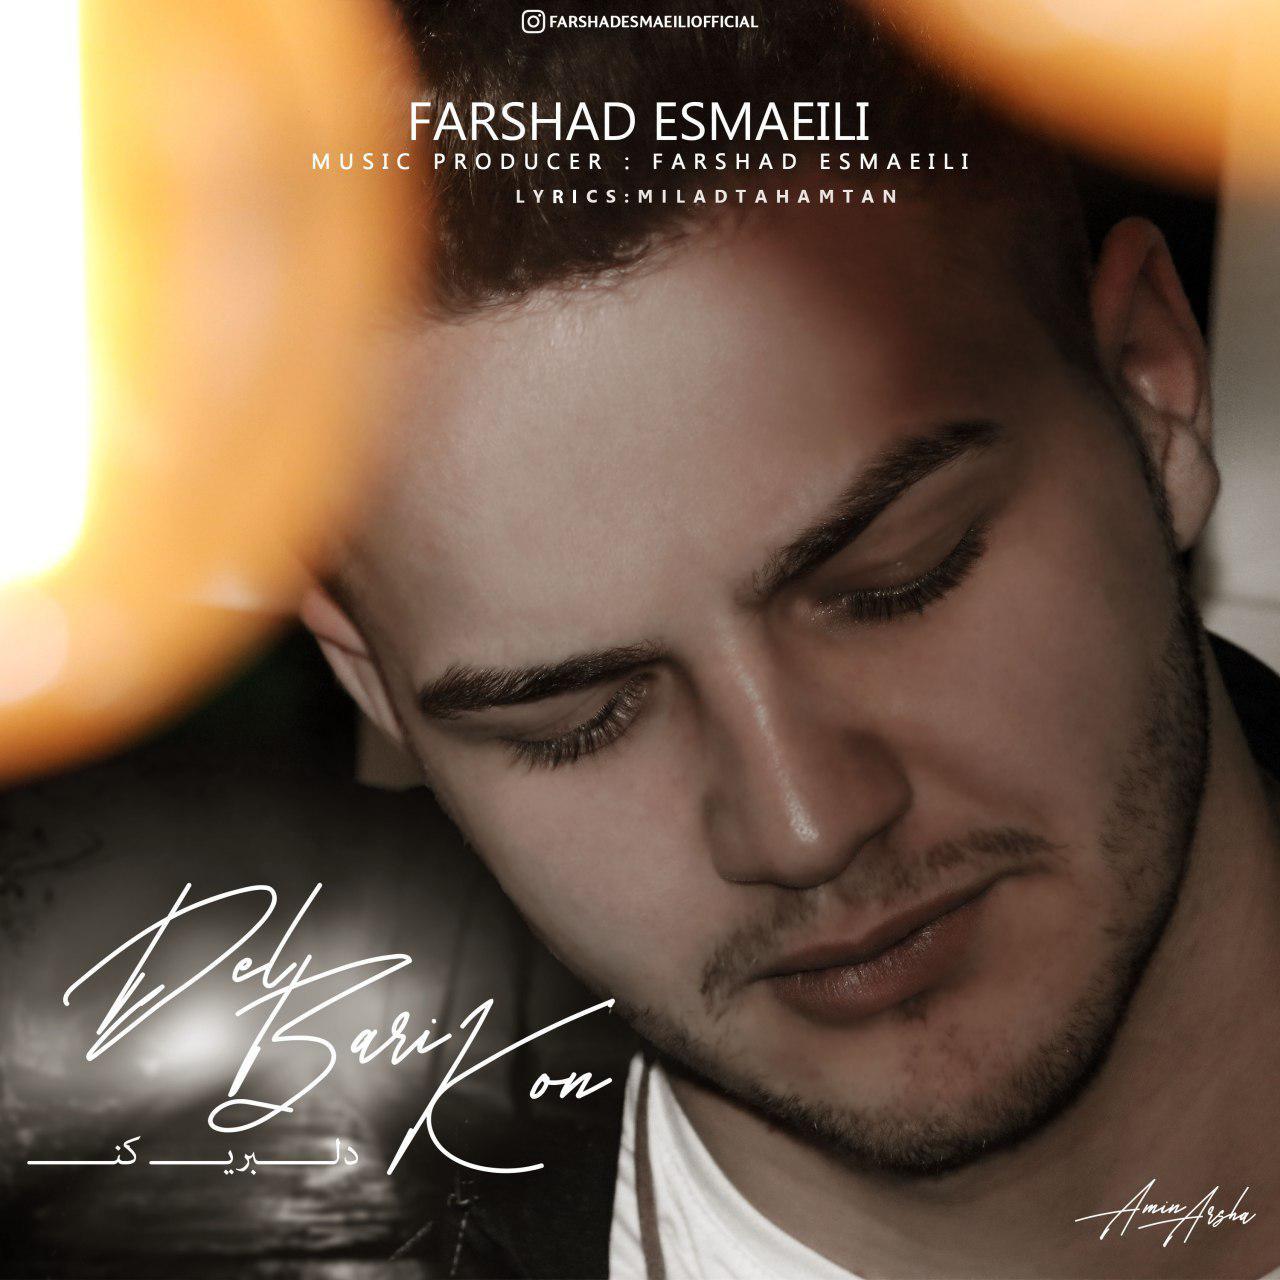 Farshad Esmaeili – Delbari Kon